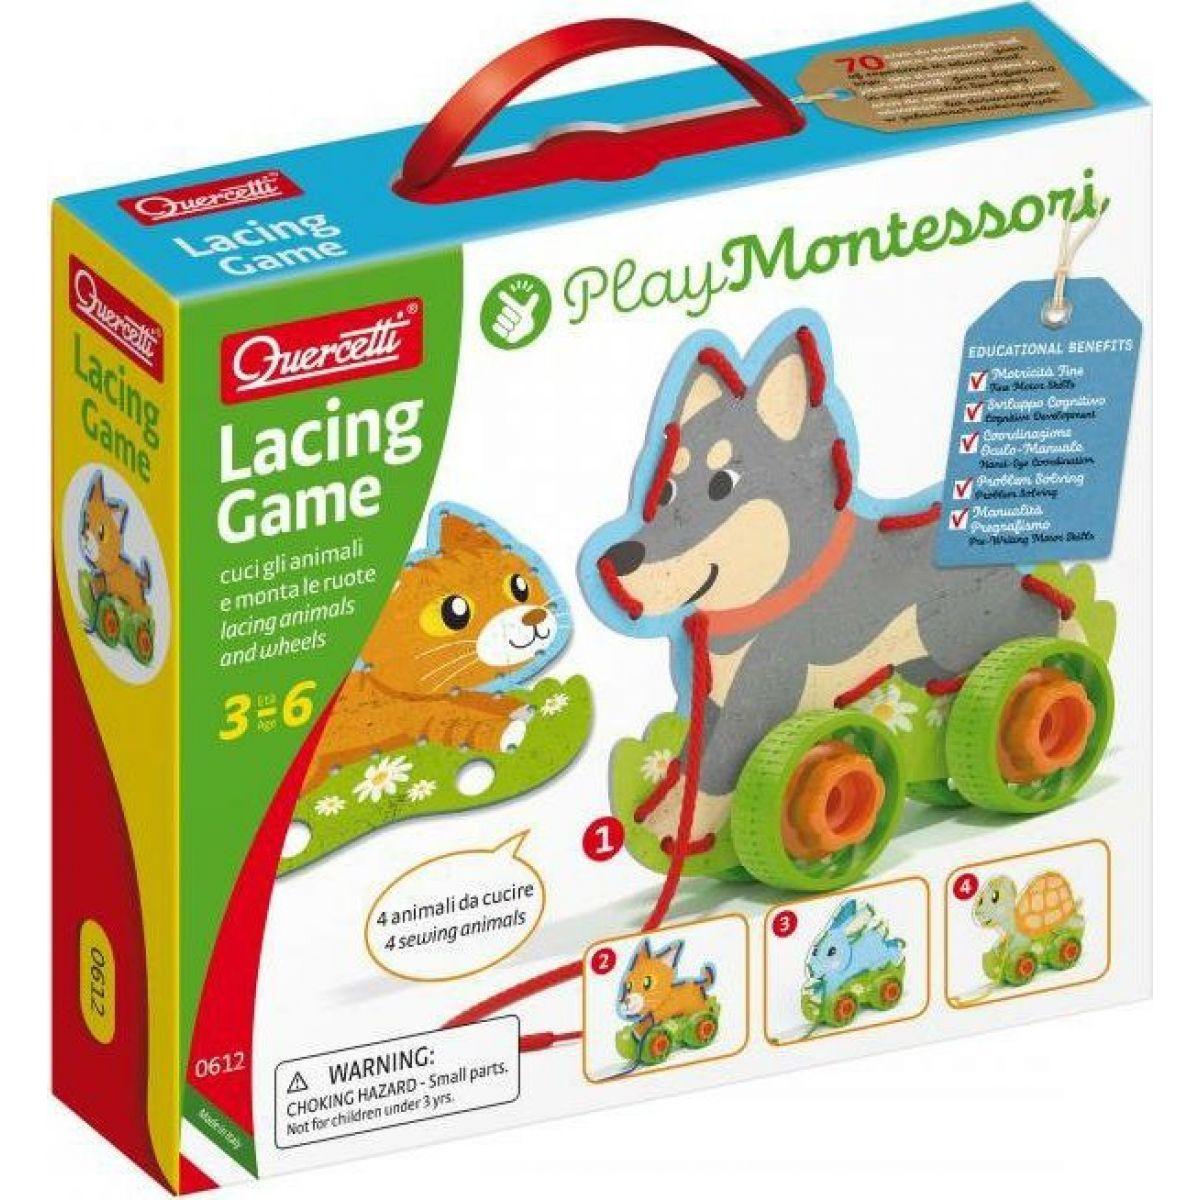 Lacing Game lacing animals & wheels – šněrovací zvířátka s kolečky